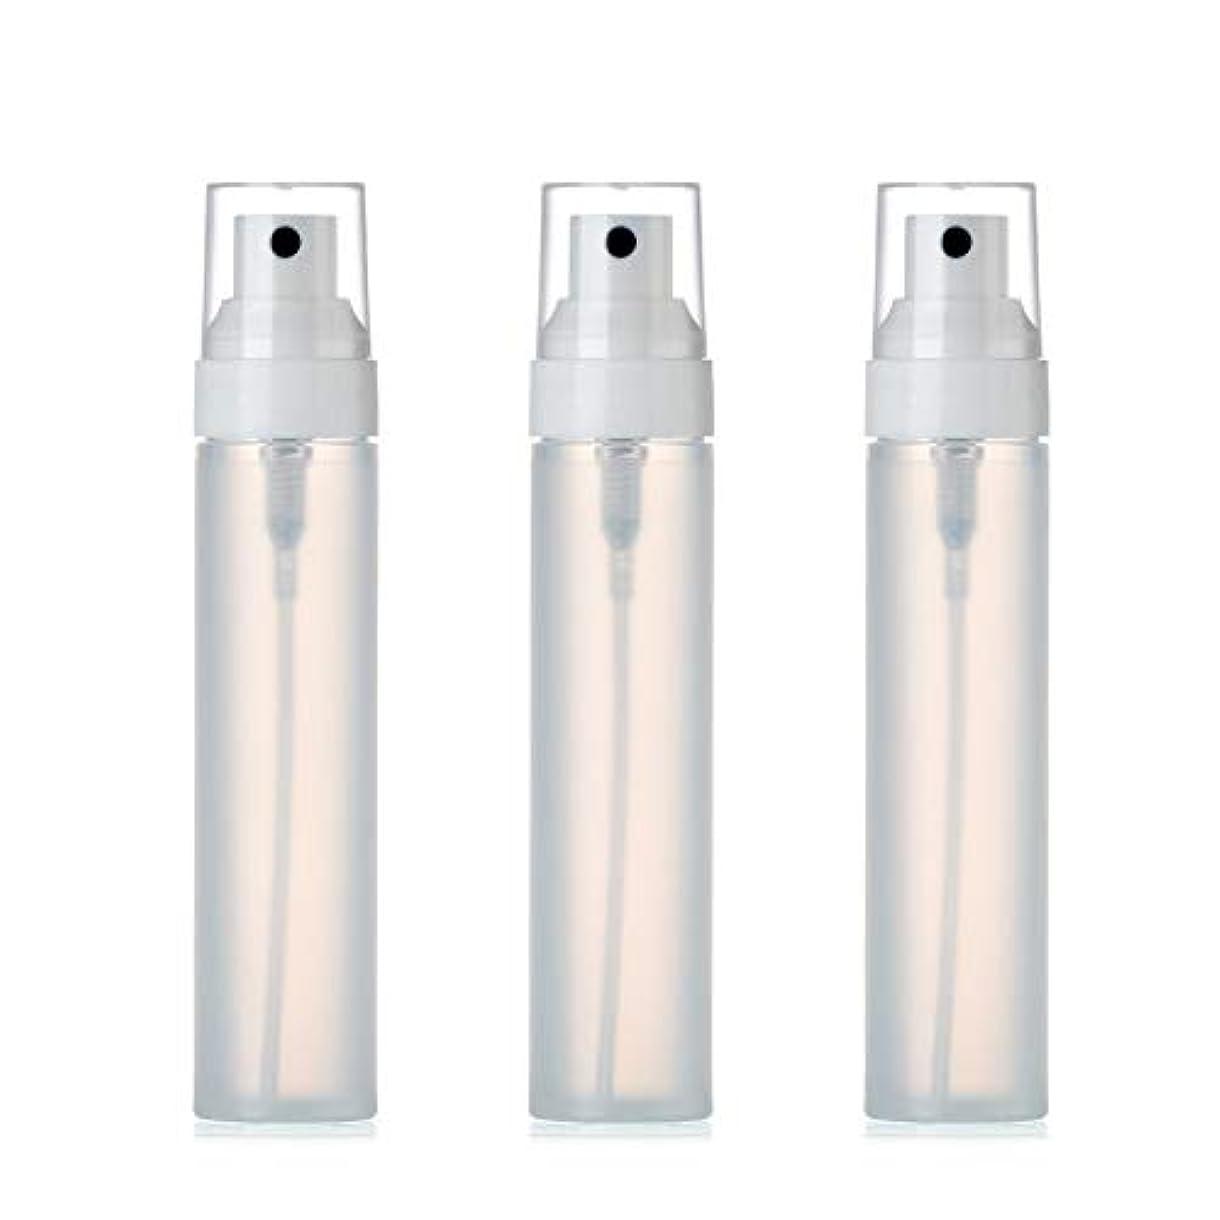 ダメージ比較的近傍極細のミスト 小分けボトル 3本セット 半透明 トラベルボトル PP 磨砂 スプレーボトル 化粧水 詰替用ボトル 霧吹き 環境保護 詰め替え容器 旅行用品 (50ml)